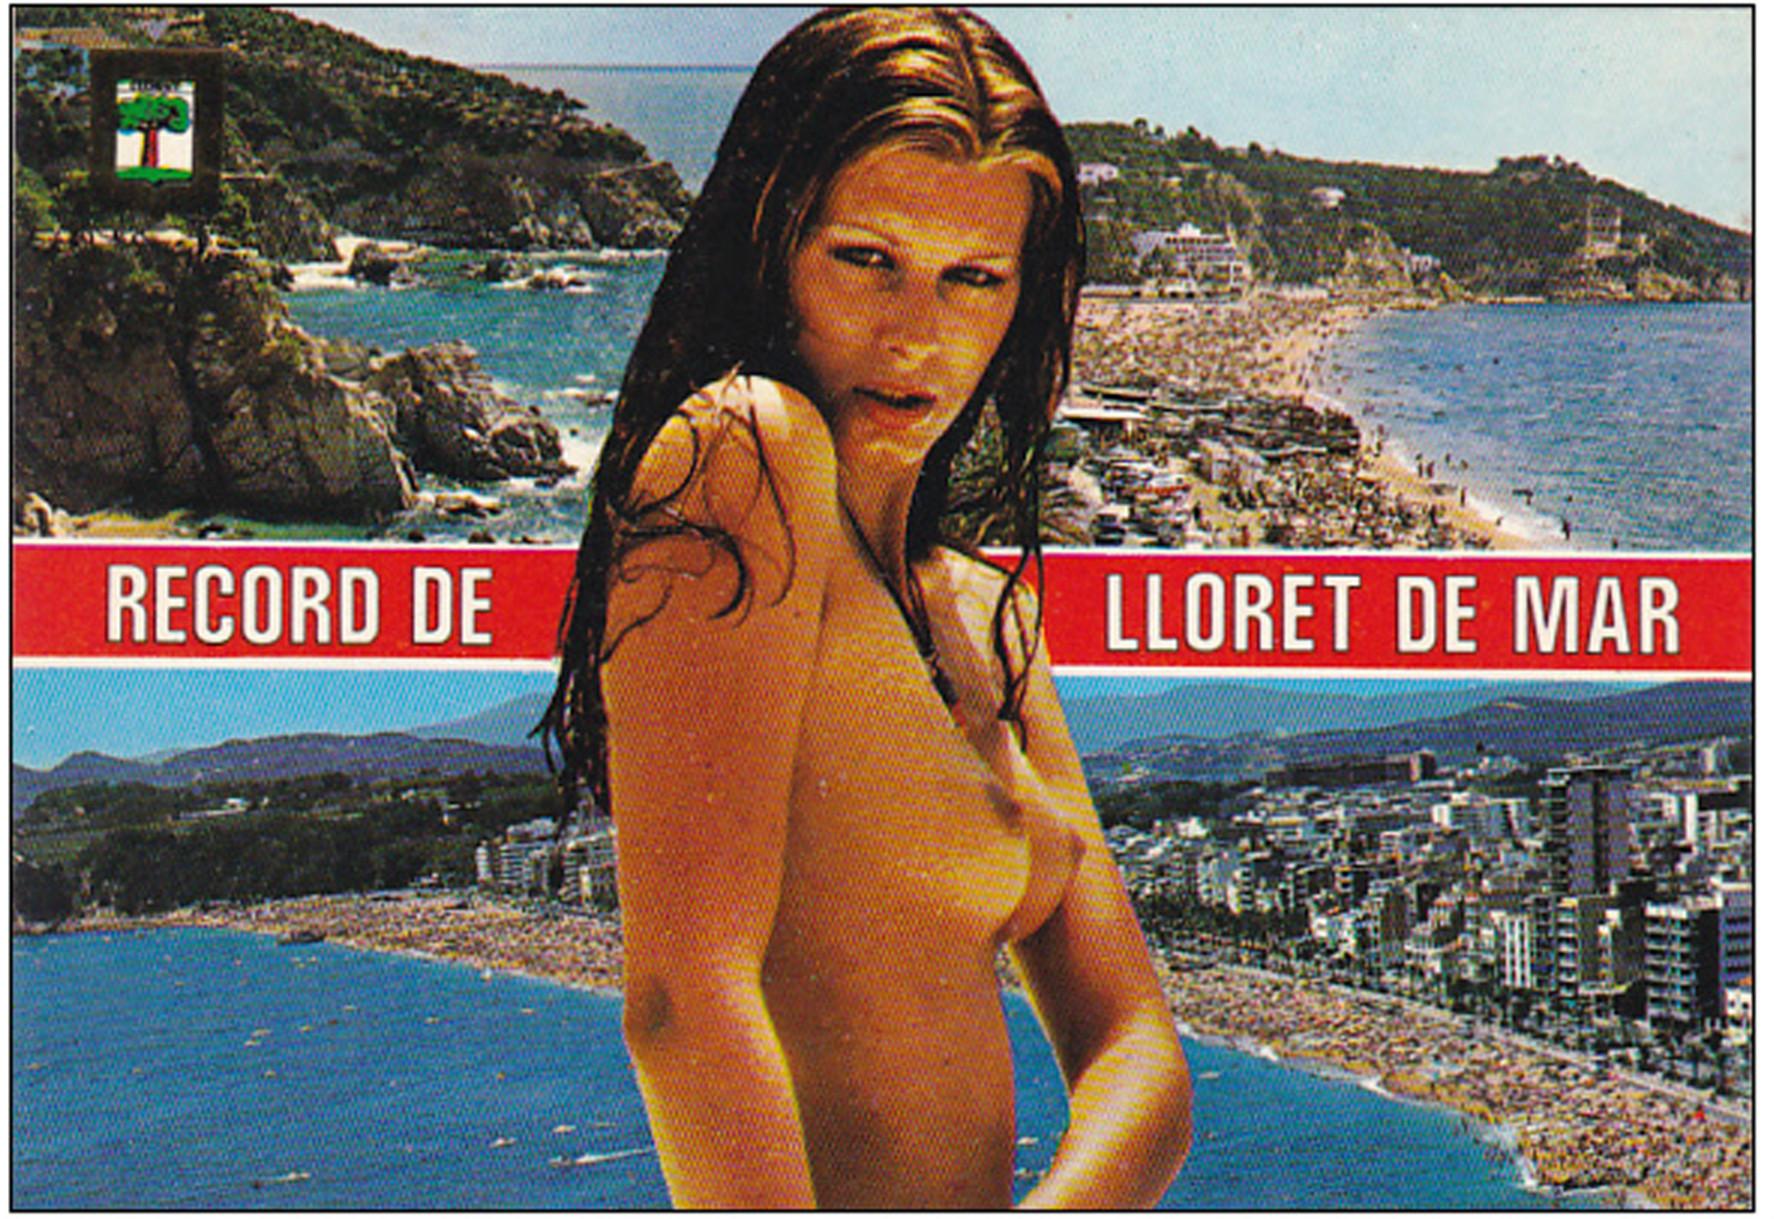 Una posta de Lloret de Mar de l'època | Foto: Revista de Girona